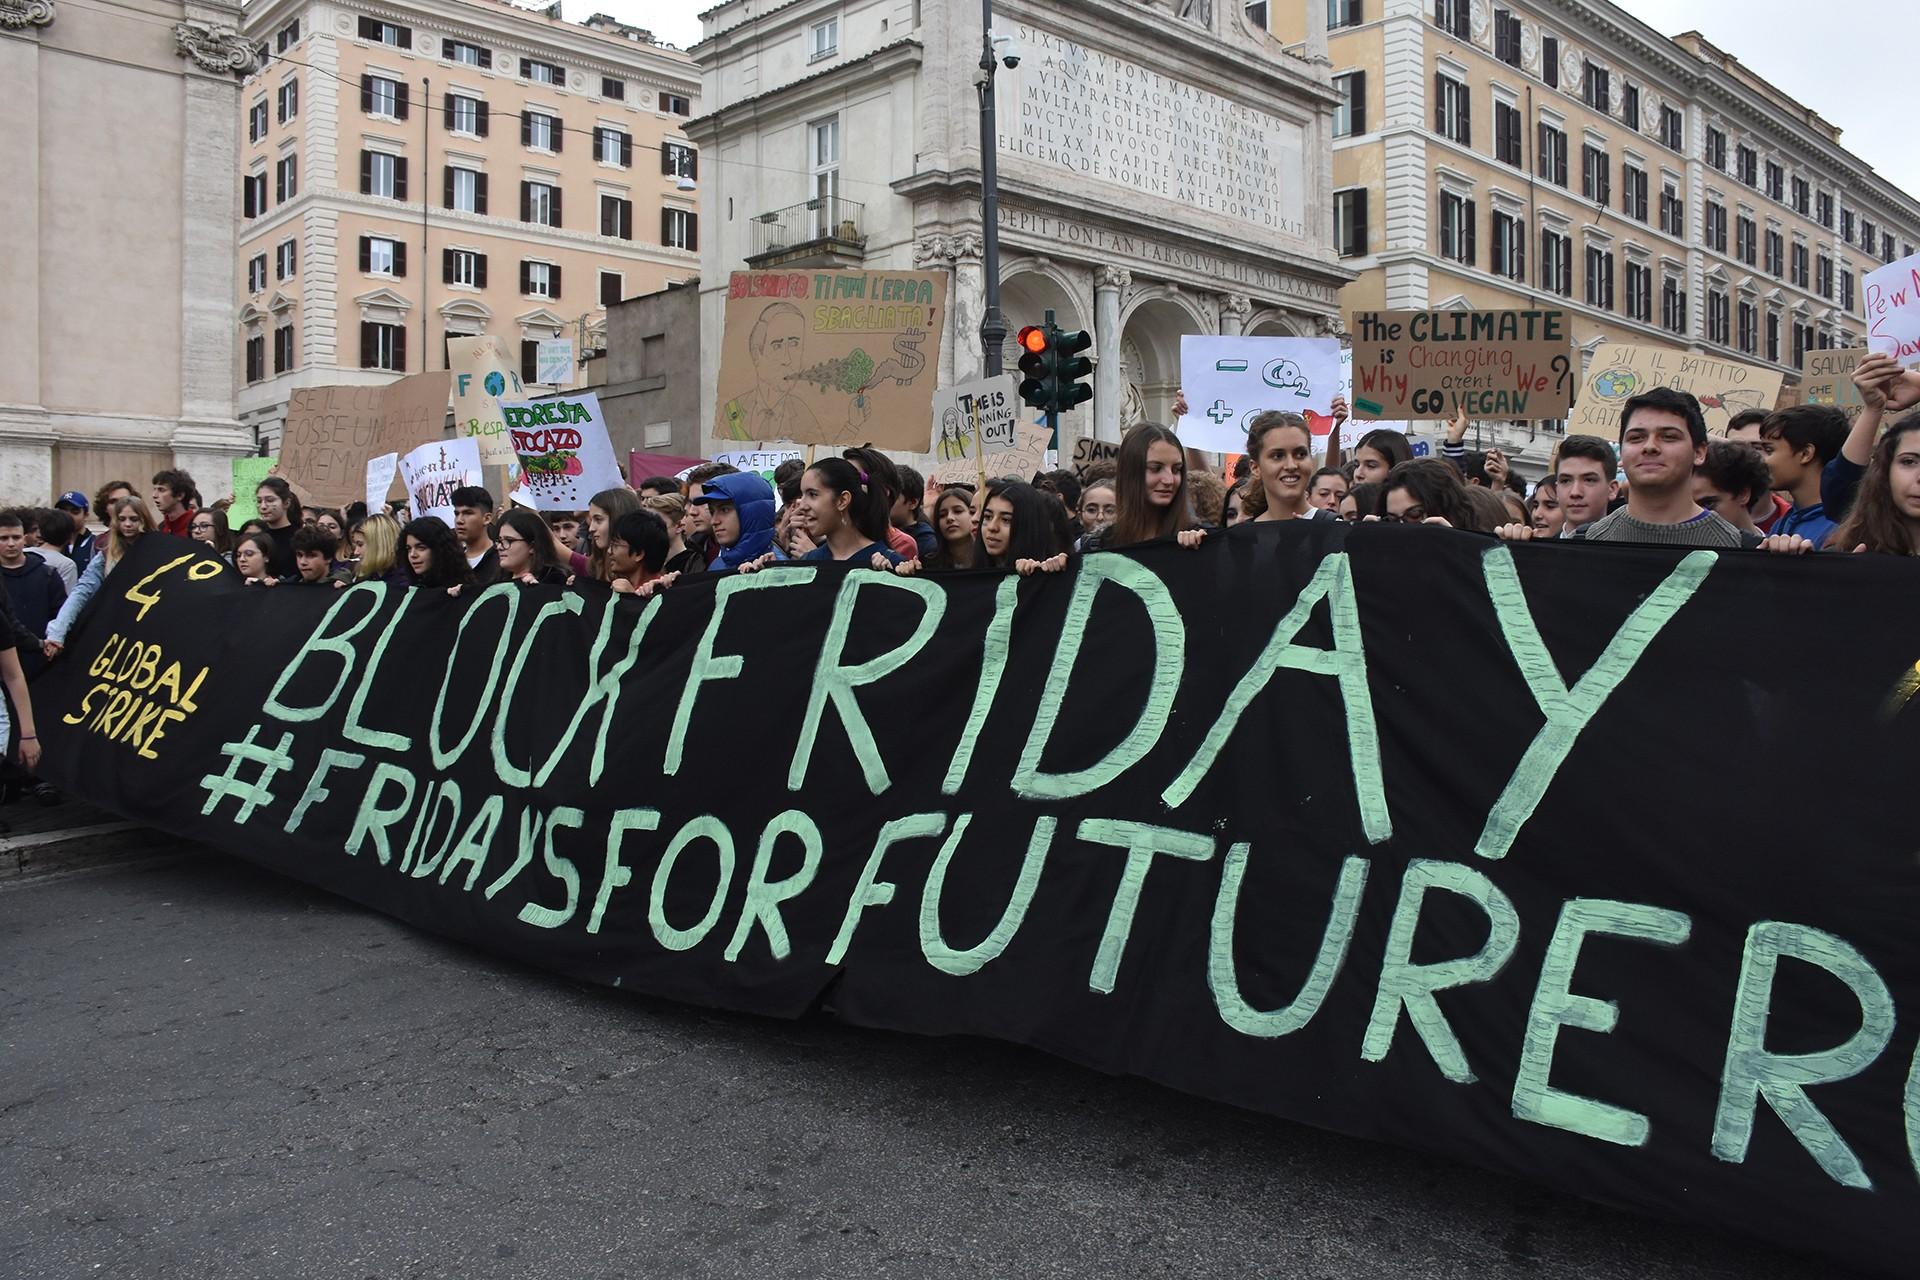 İtalya'da öğrenciler iklim değişikliğine dikkat çekmek için yürüyor